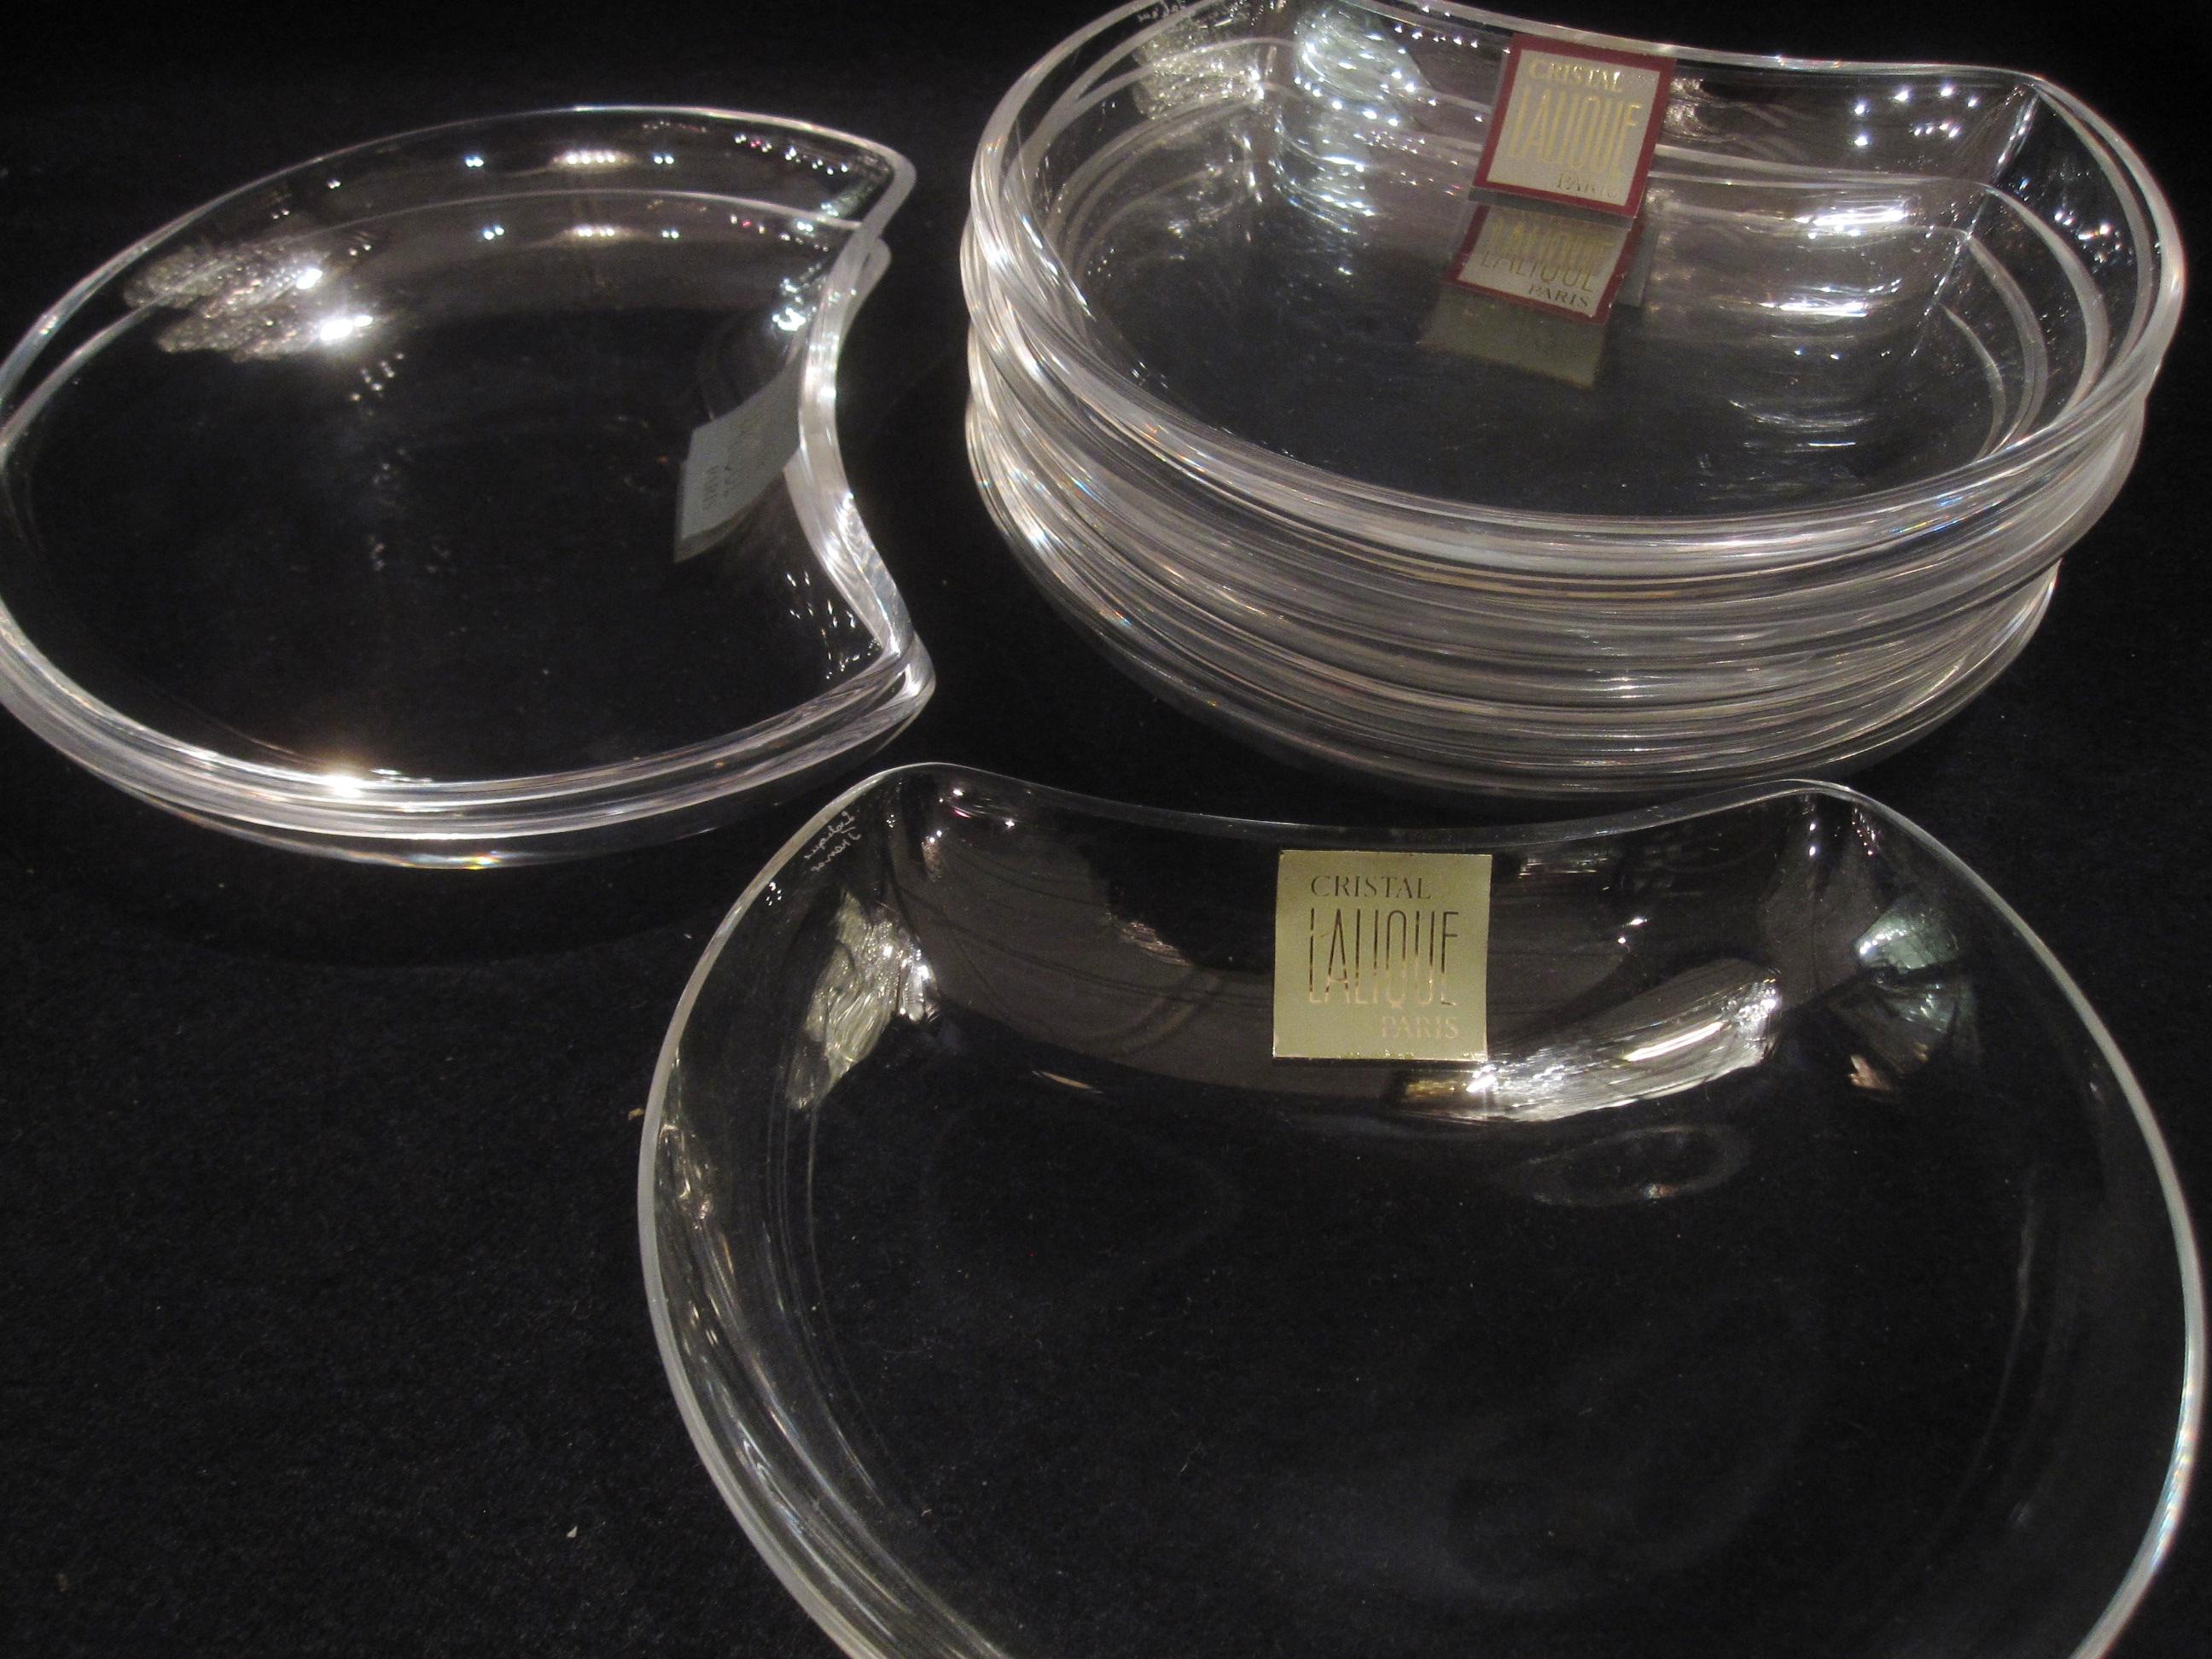 10 pi ces assiettes salade lalique accessoires catalogue cristal de france nicolas. Black Bedroom Furniture Sets. Home Design Ideas